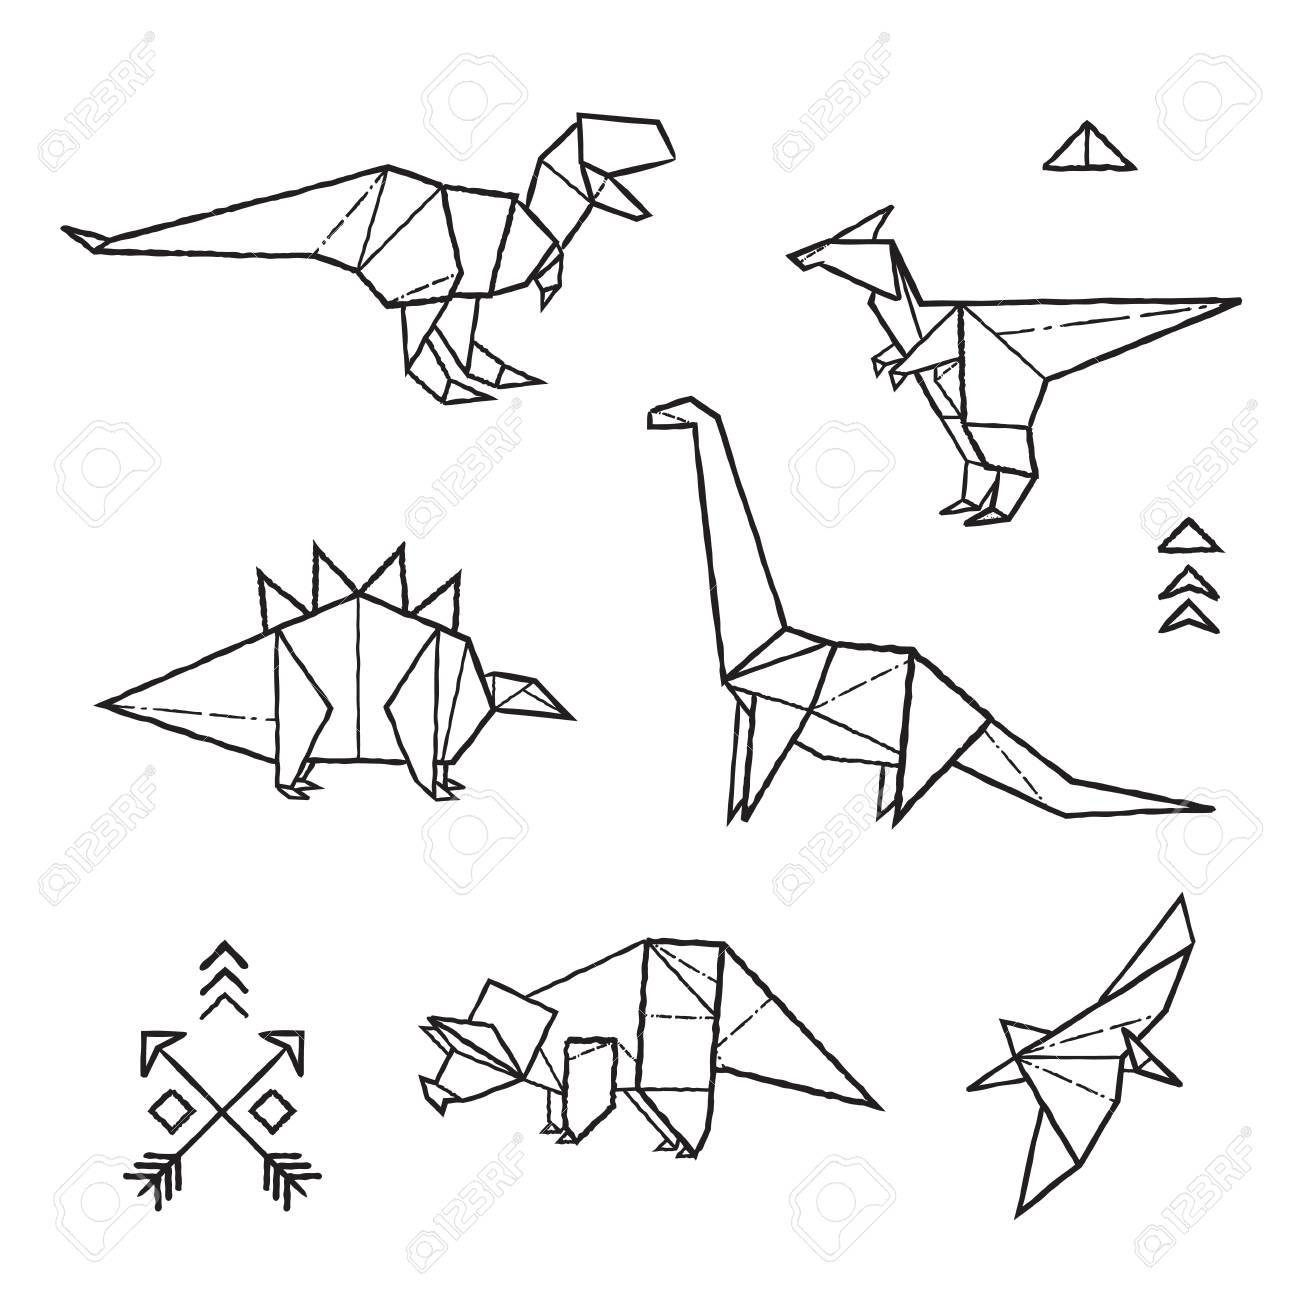 Tinta Origami Tatuajes Dinosaurios Conjunto Ilustracion Vectorial Ilustraciones Vectoriales Clip Art Vectorizado Libre De Derechos Image 95928108 Galeria de tatuajes, etiquetada con la tatuajes dinosaurio, de los mejores artistas del mundo. tinta origami tatuajes dinosaurios conjunto ilustracion vectorial